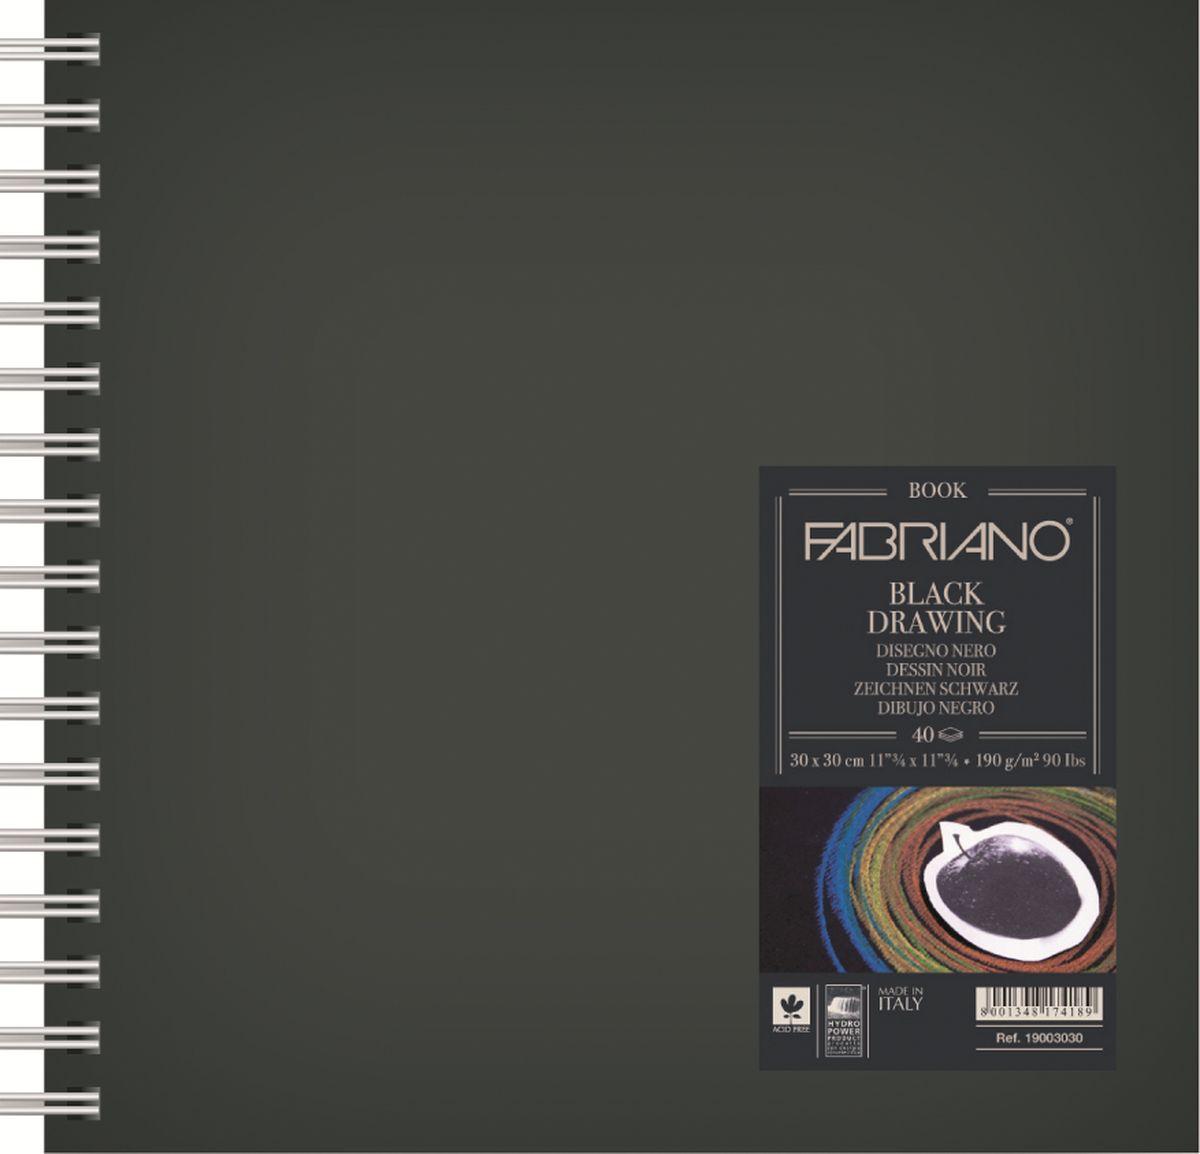 Fabriano Блокнот для зарисовок Black Drawing Book цвет черный 40 листов 1900151519001515Блокнот для зарисовок Black Drawing Book с черной бумагой прекрасно подойдут для работы не только ручками, маркерами, тушью, но и акриловыми и темперными красками. Бумага для блокнотов изготавливается из 100% целлюлозы без использования кислот, что гарантирует сохранность бумаги на долгие годы.